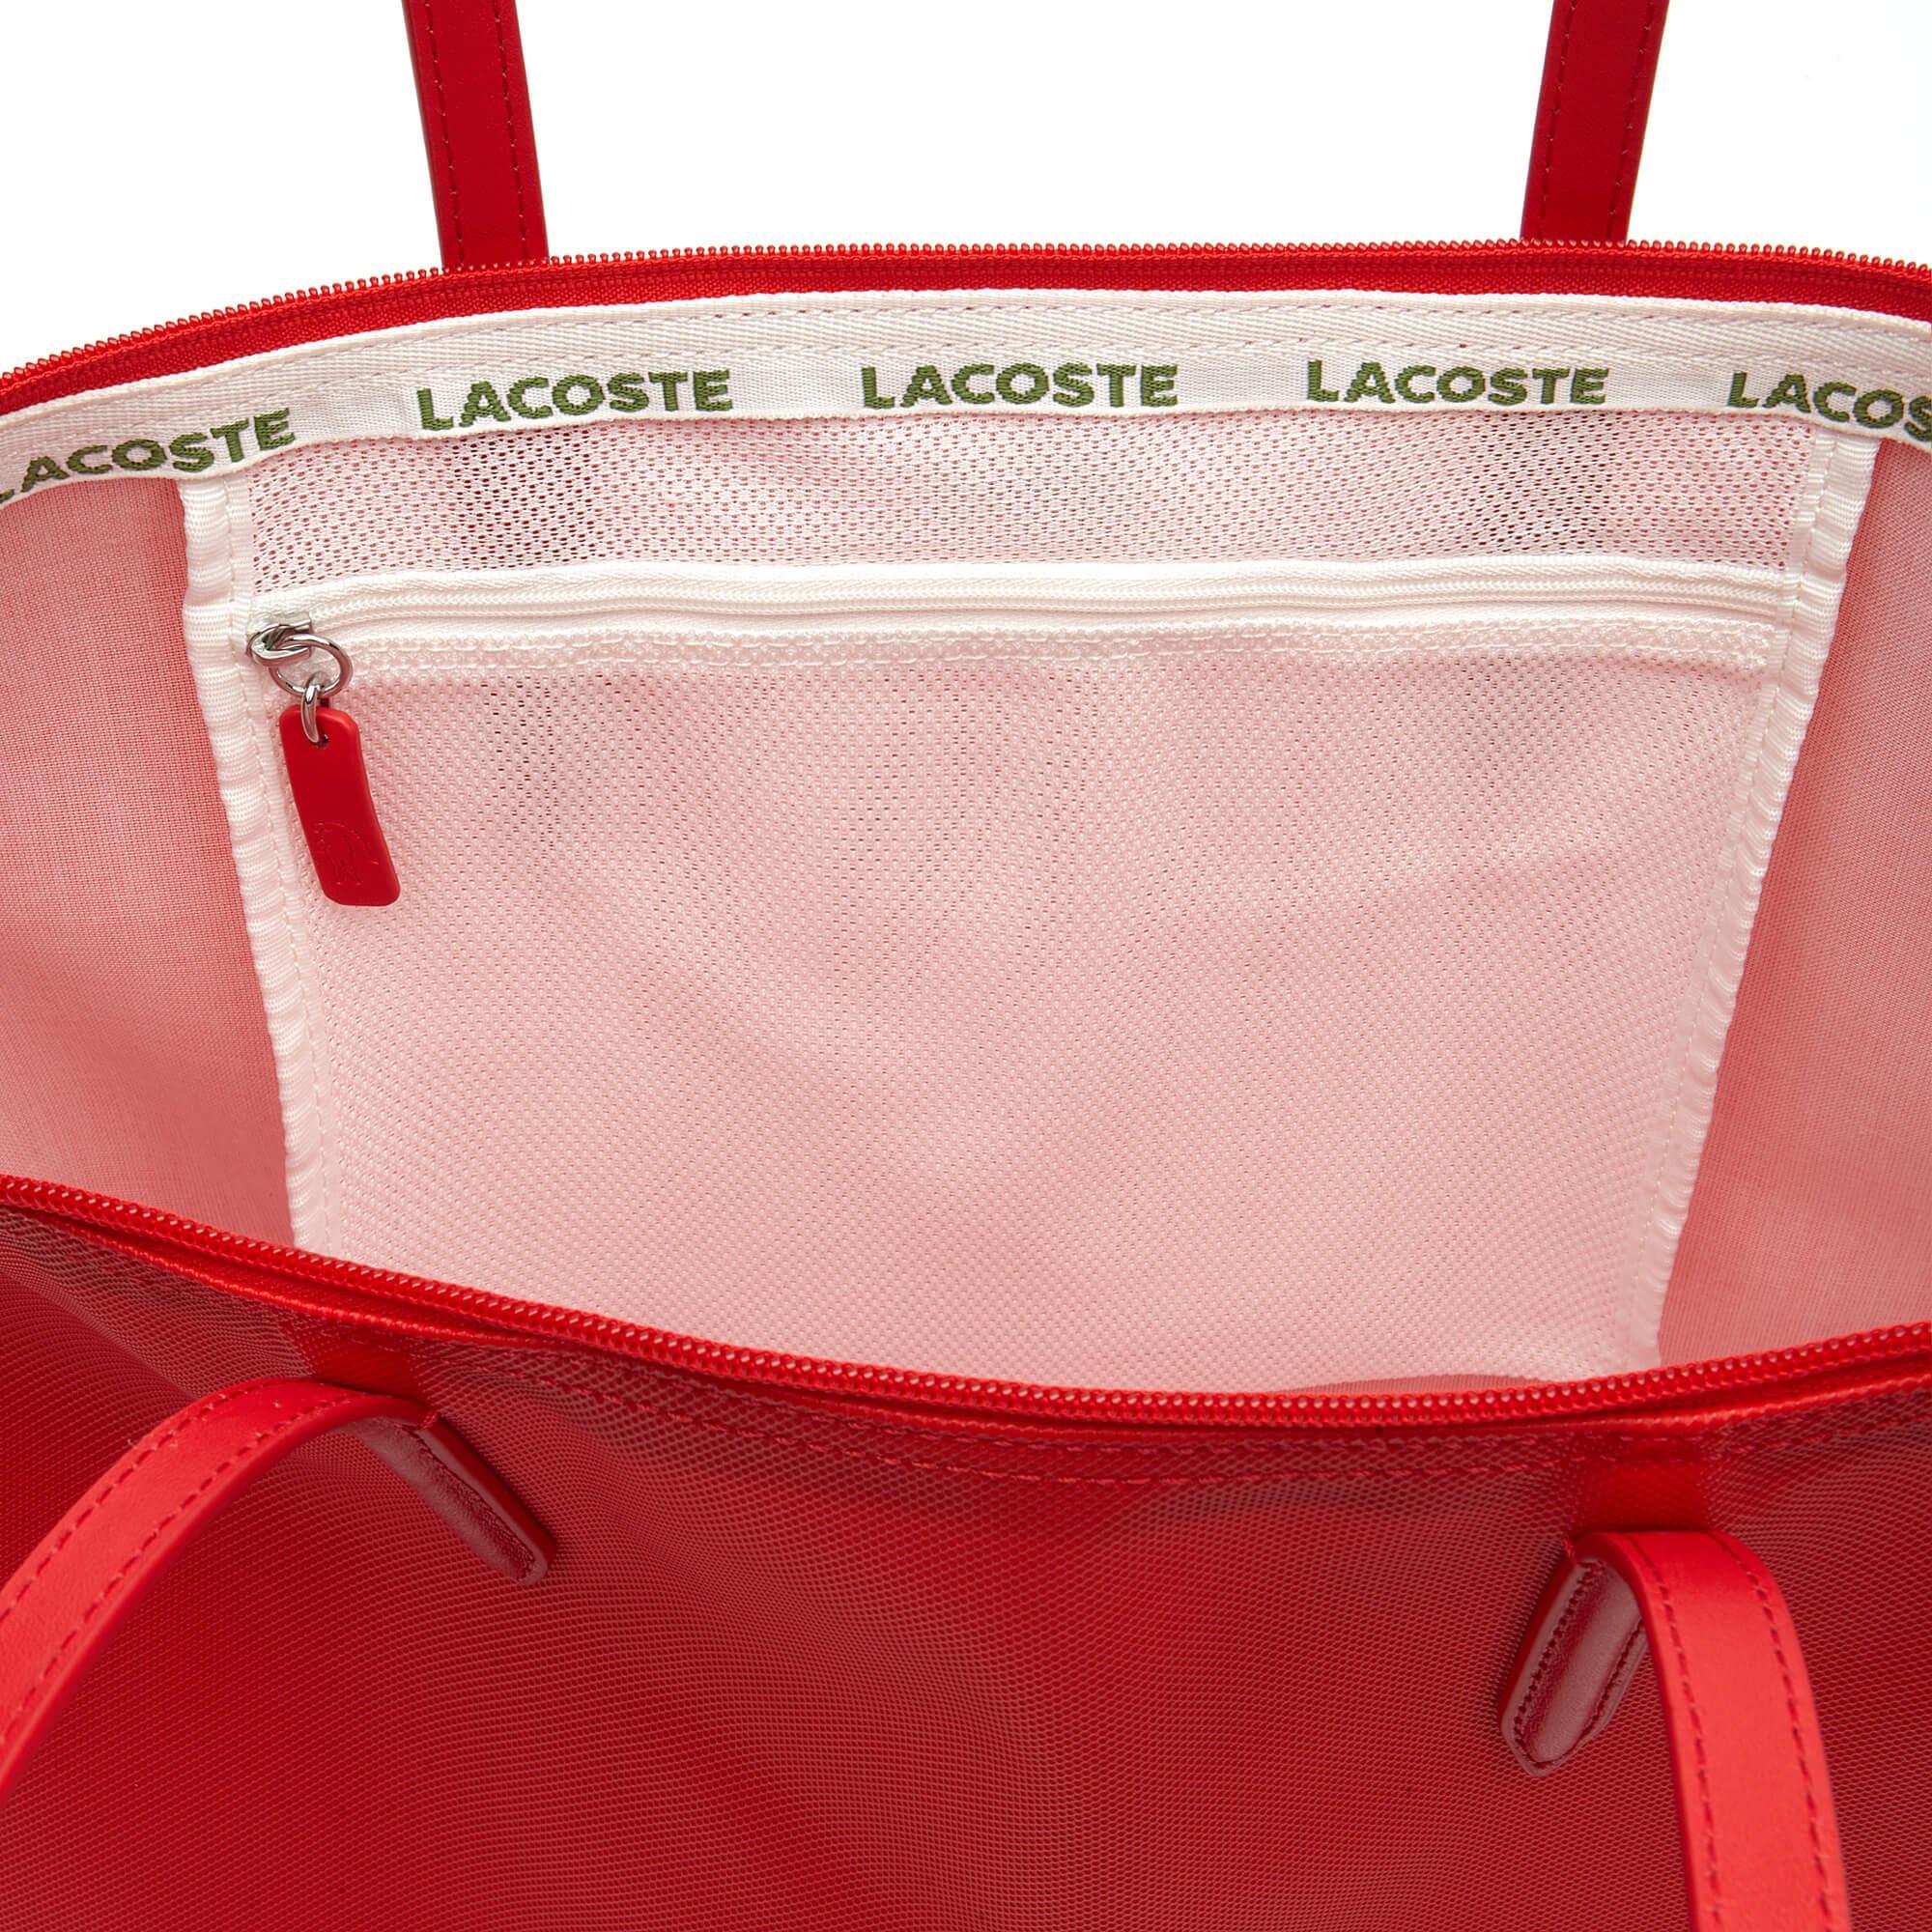 Lacoste L.12.12 Kadın Kırmızı Çanta